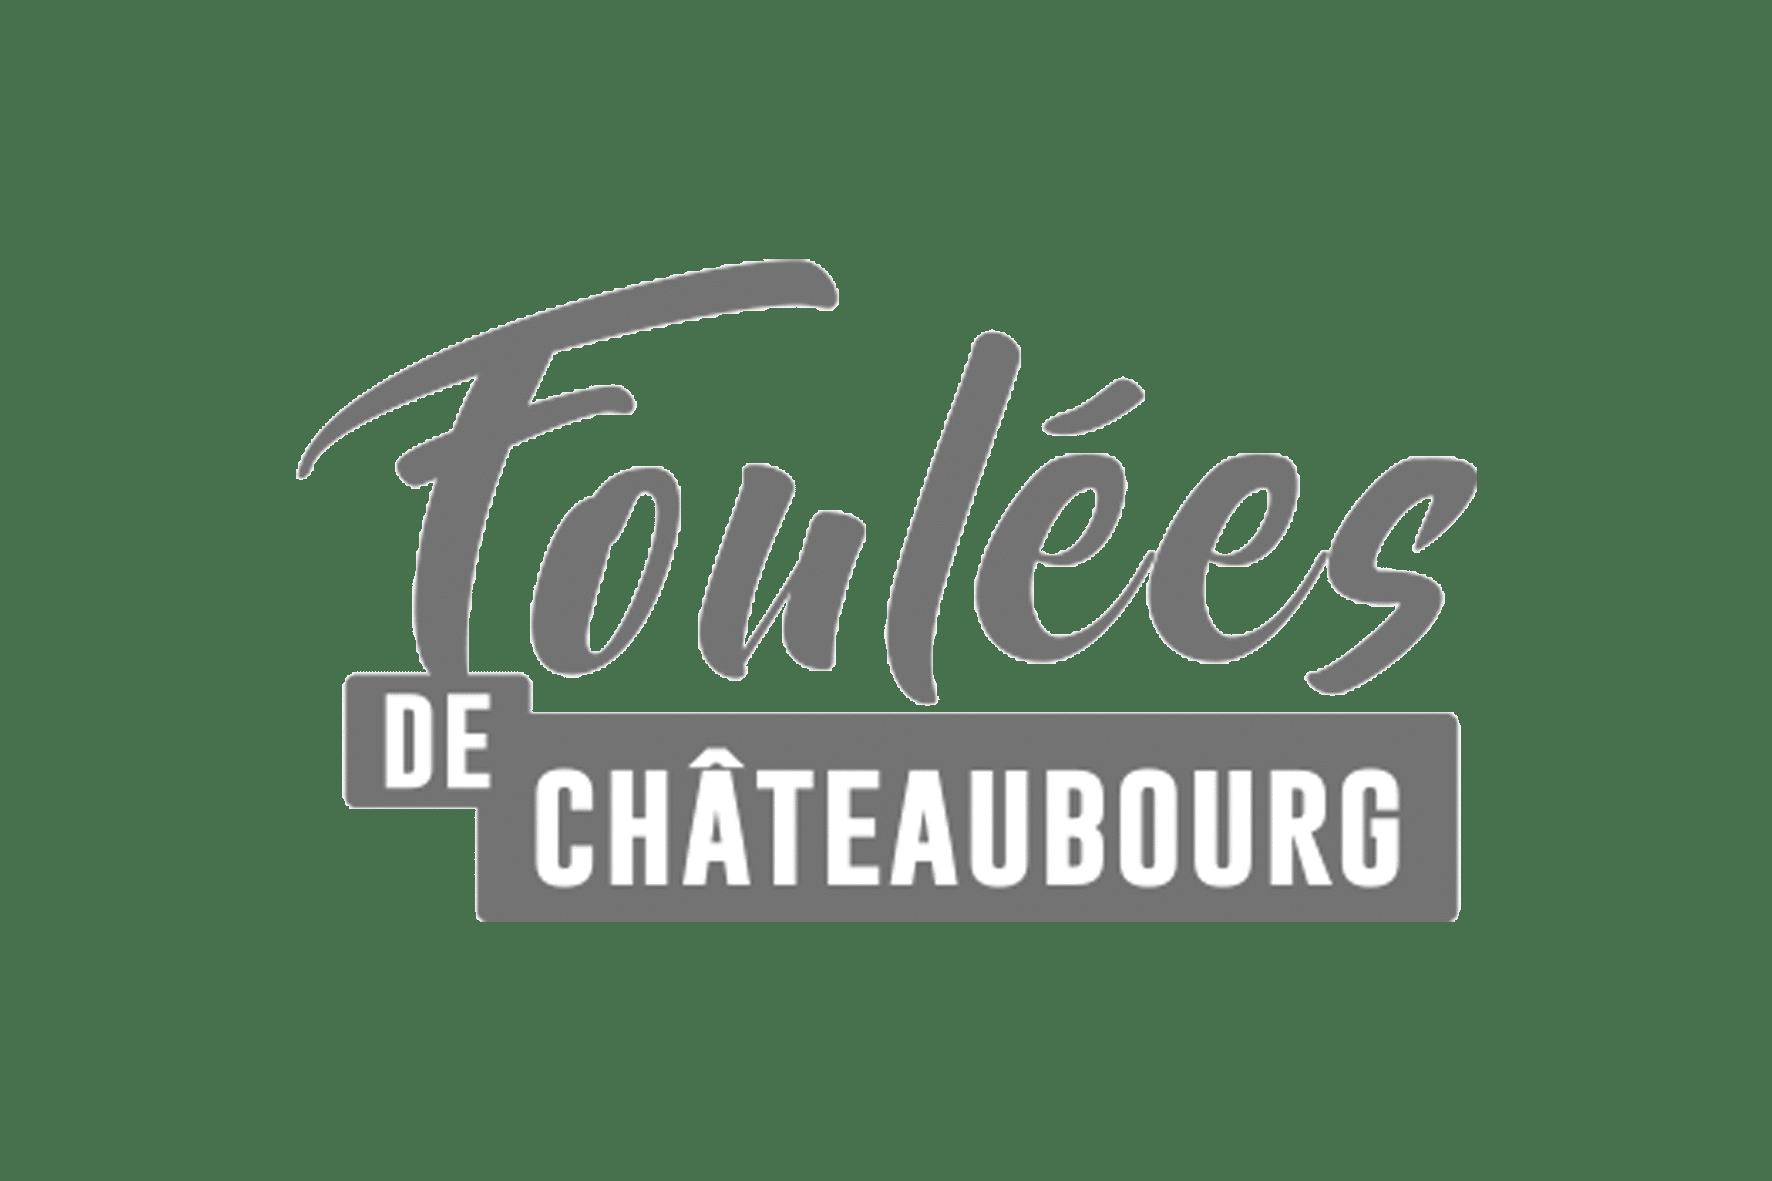 https://doubleve.fr/wp-content/uploads/2019/07/Foulées-de-Châteaubourg-logos.png